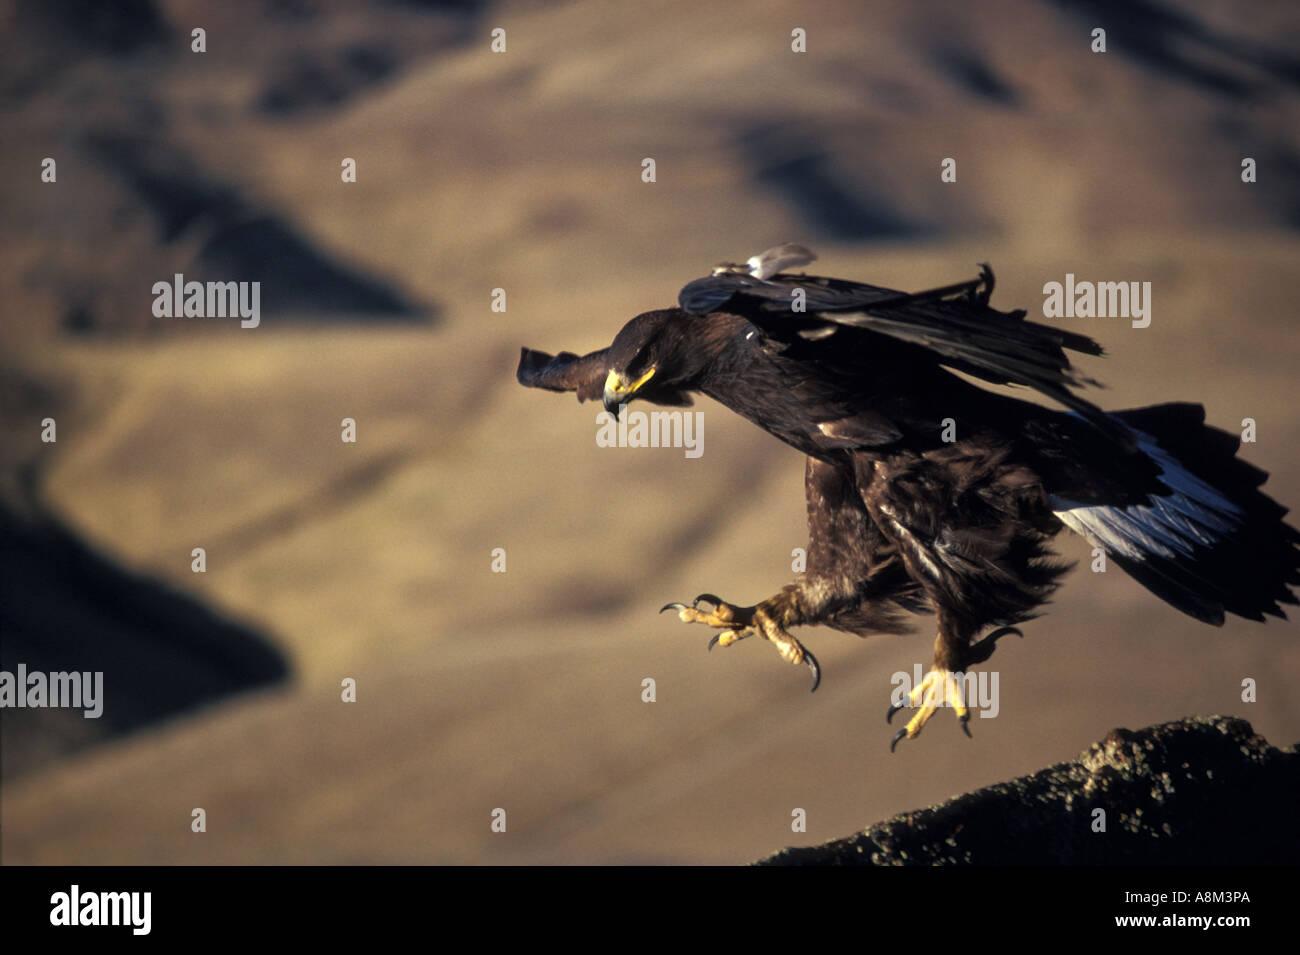 Steinadler Bereit Zur Landung Im Bereich Birds Of Prey In Der Nähe